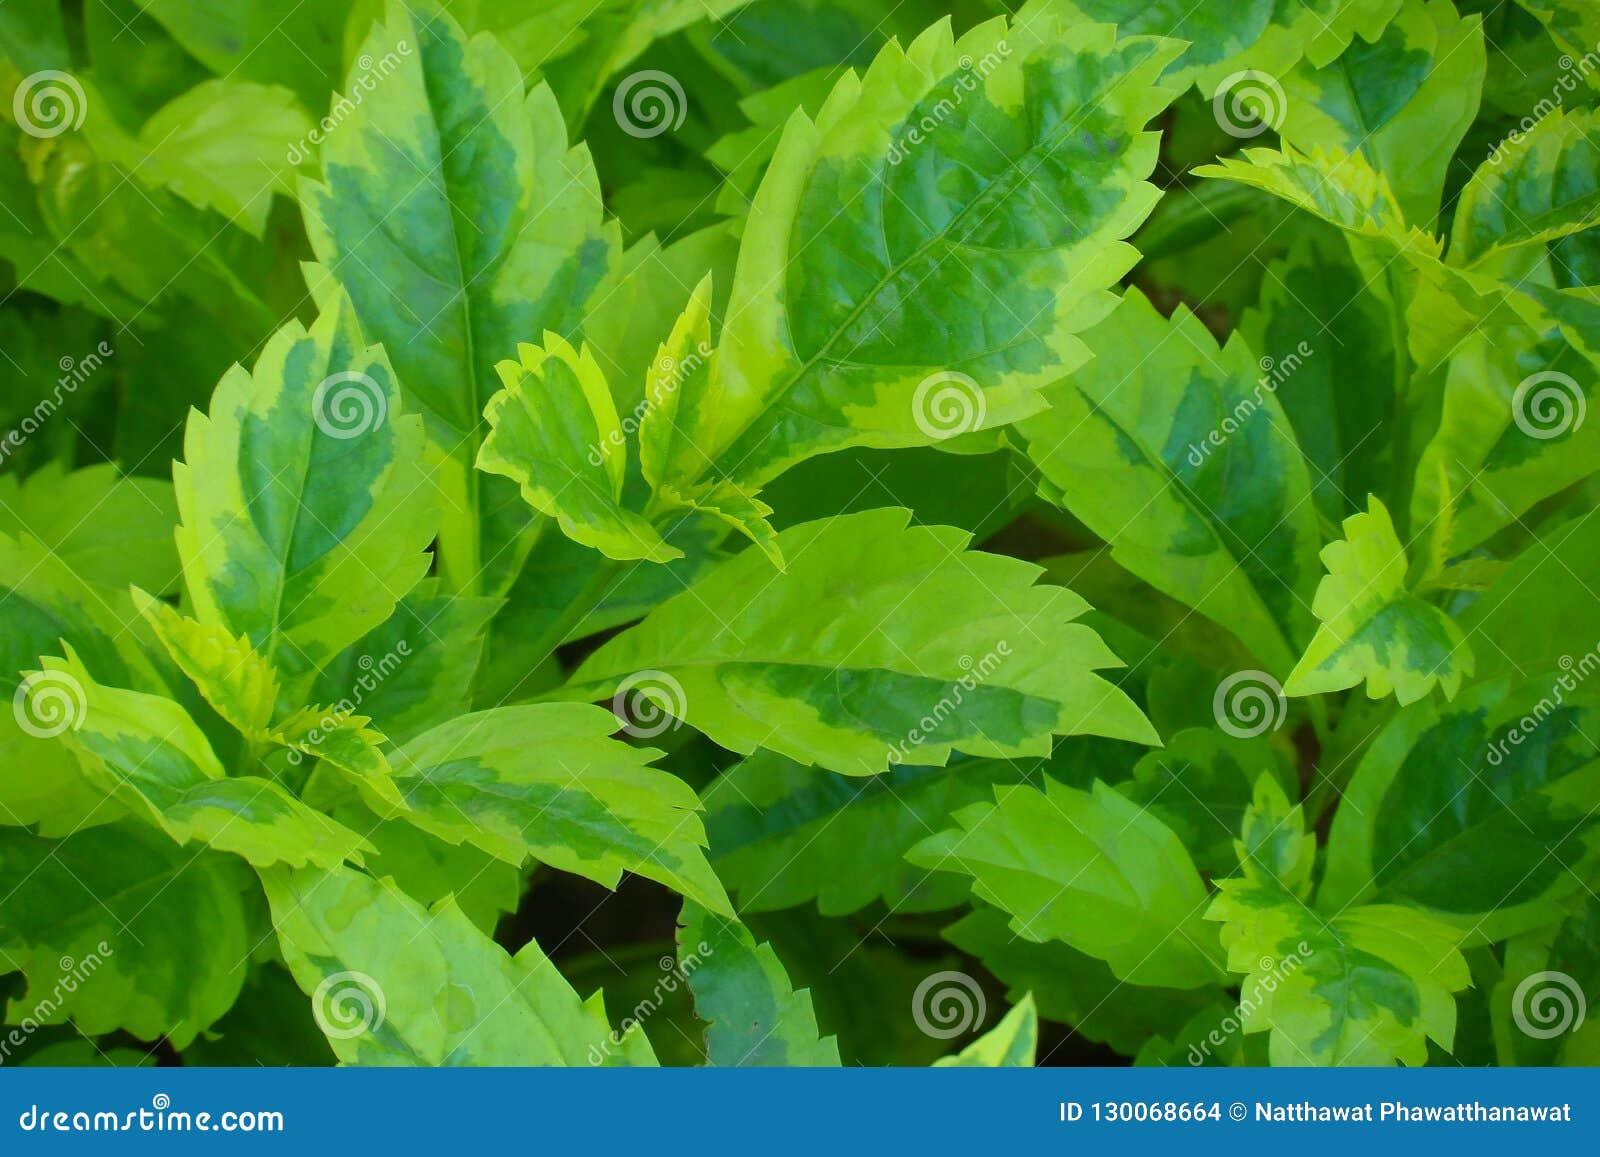 Изобржайте в карикатурном виде завод, листовые золота также священное имя используемое в различных благоприятных свойствах Обрабо